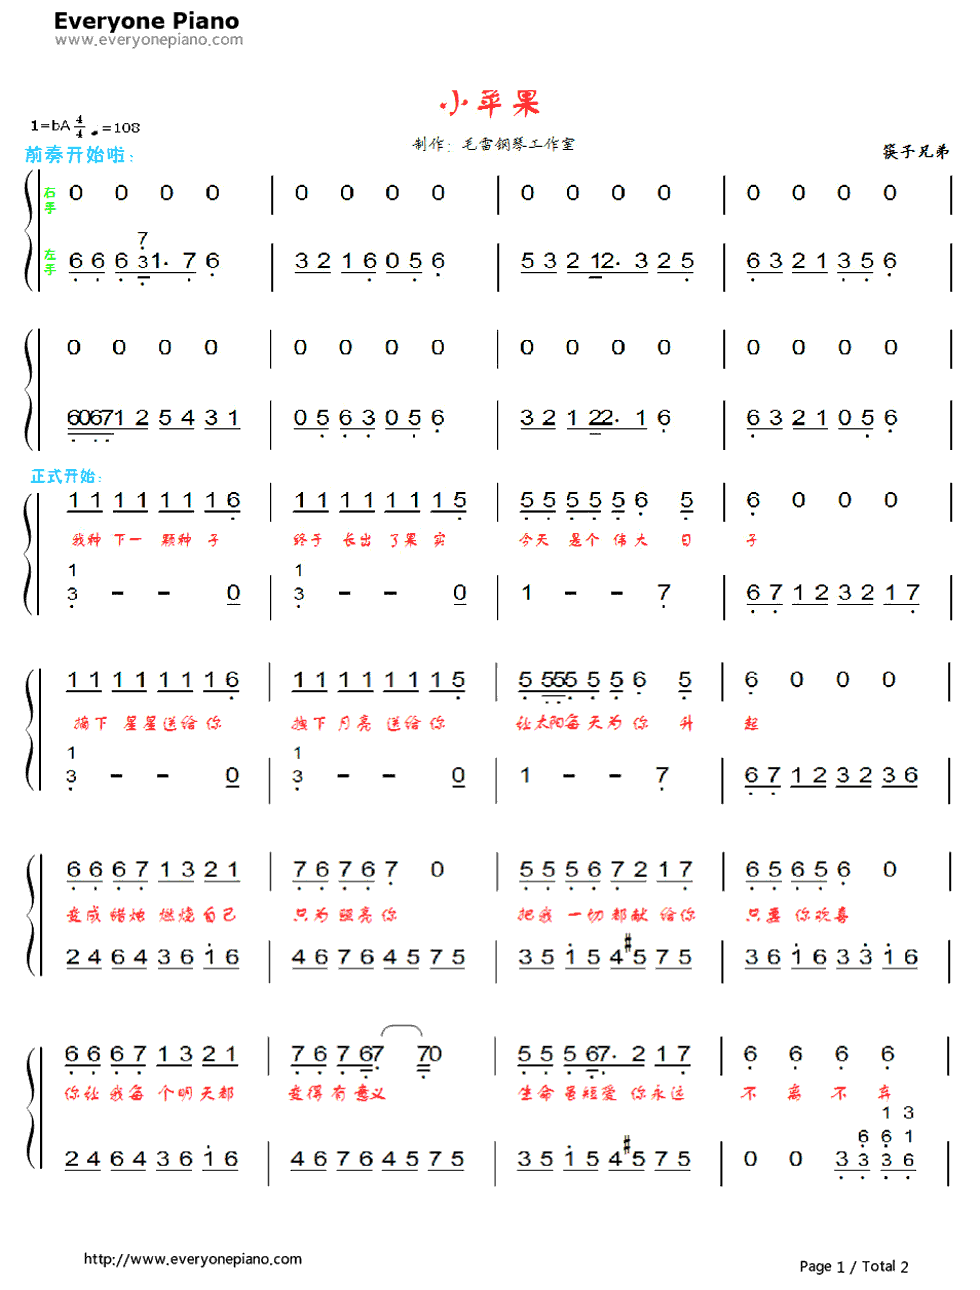 小苹果简谱数字键 儿童电子琴玩,通俗易懂,一看就明白